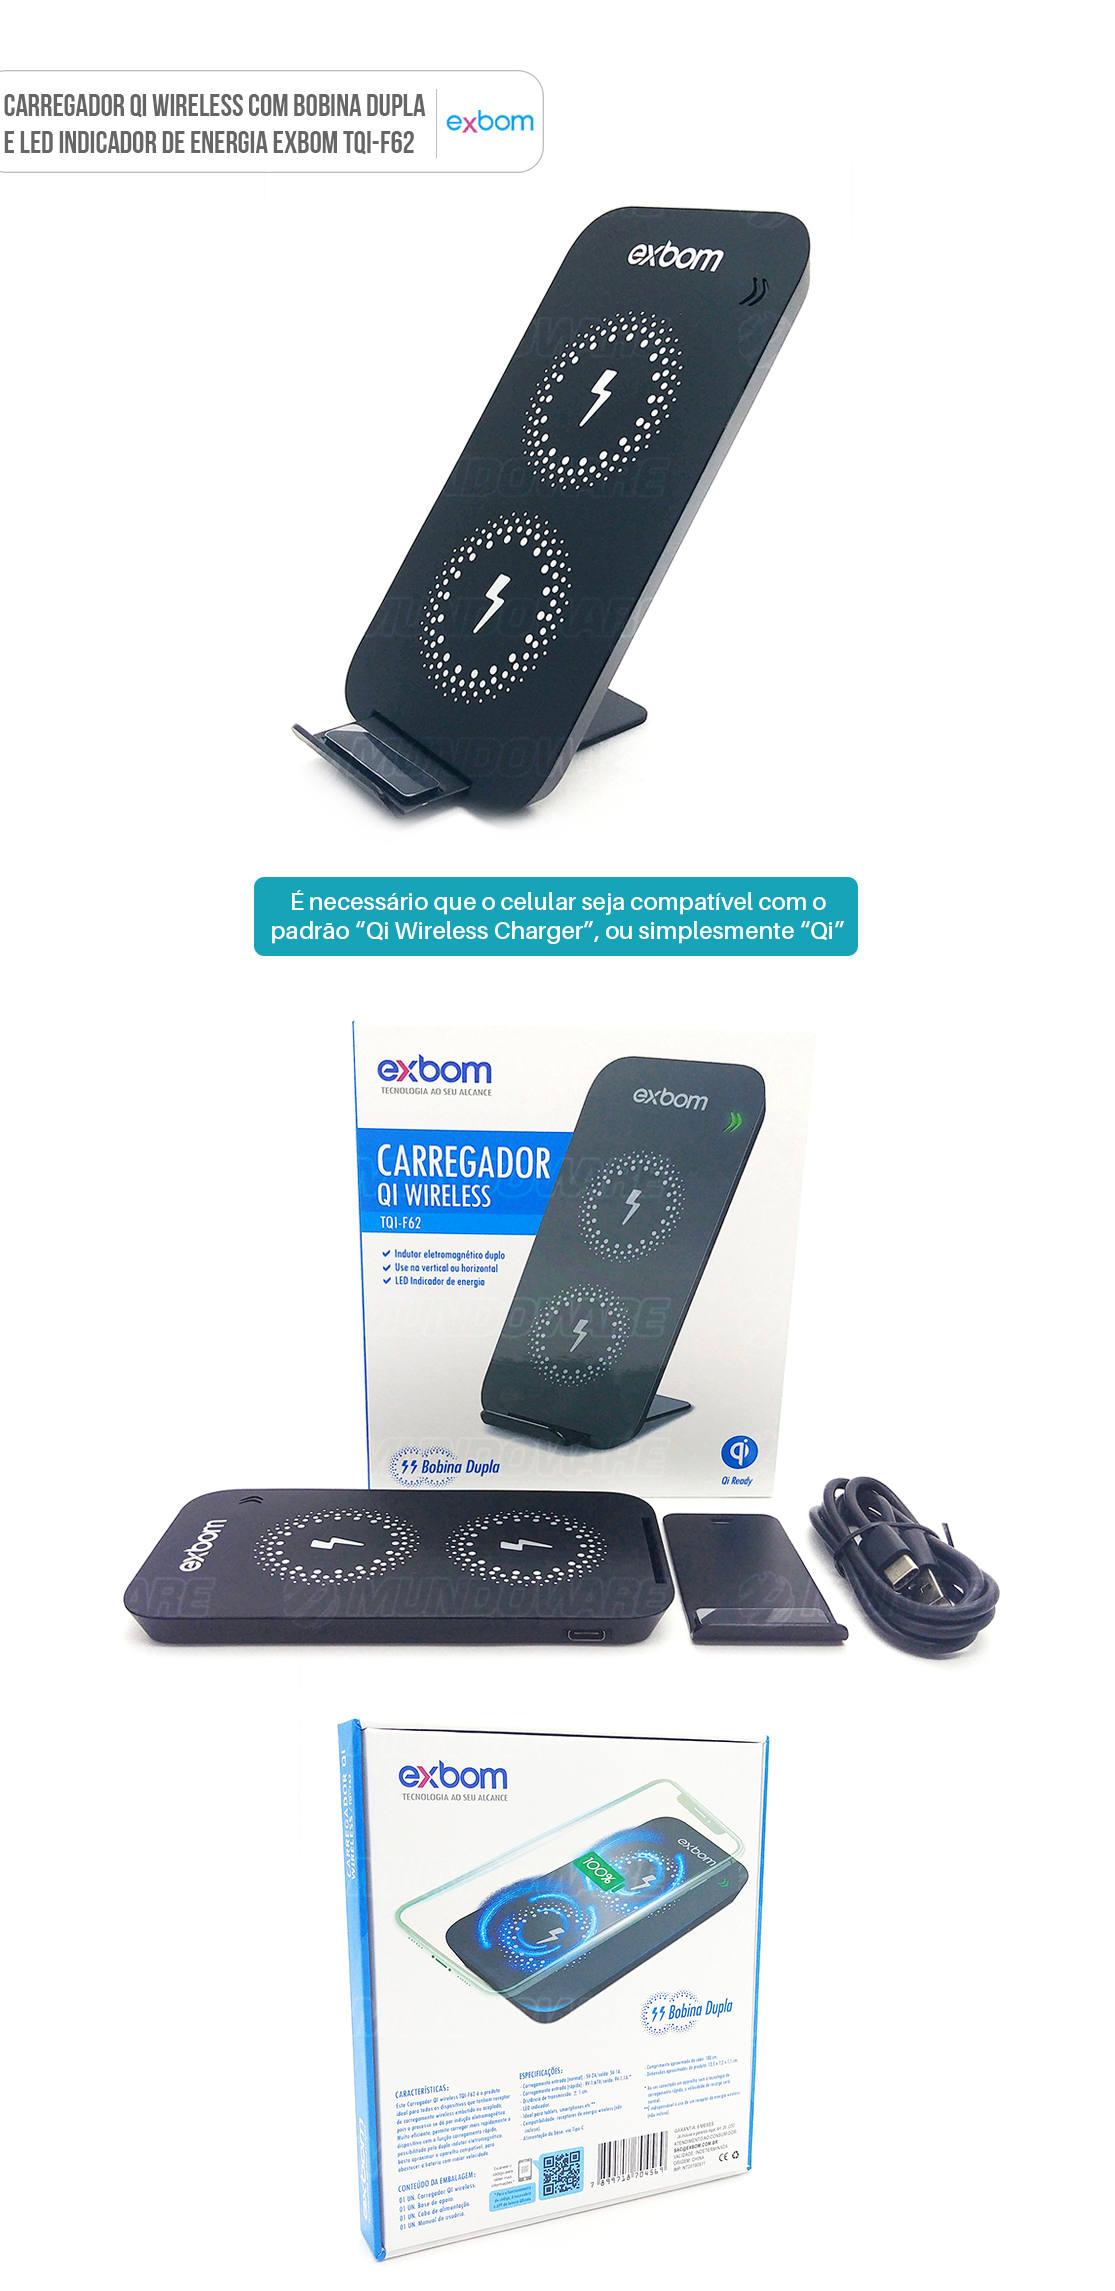 Carregador para celular Qi wireless com Bobina dupla posição vertical